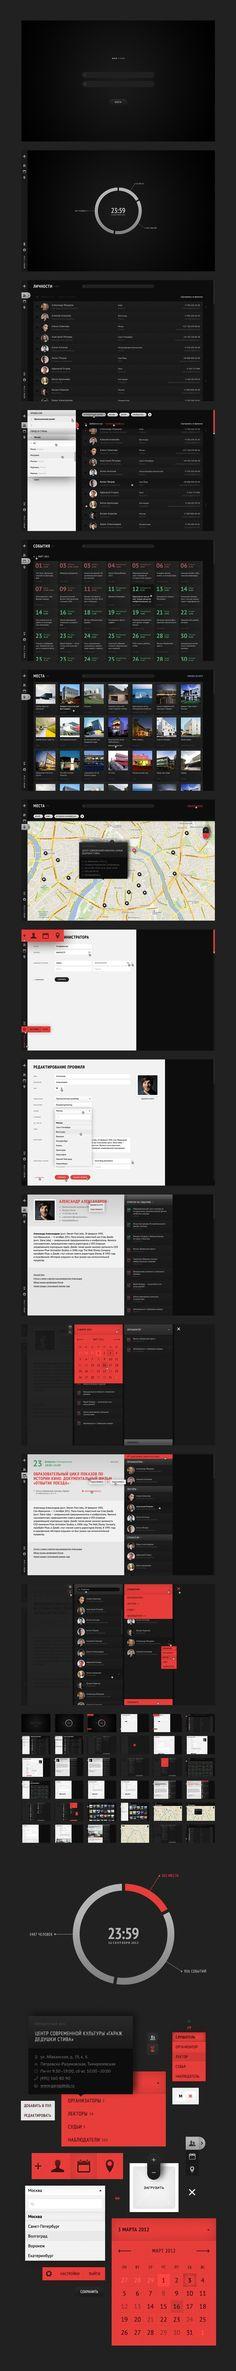 'MOD' CRM system | Designer: Alexander Zhestkov